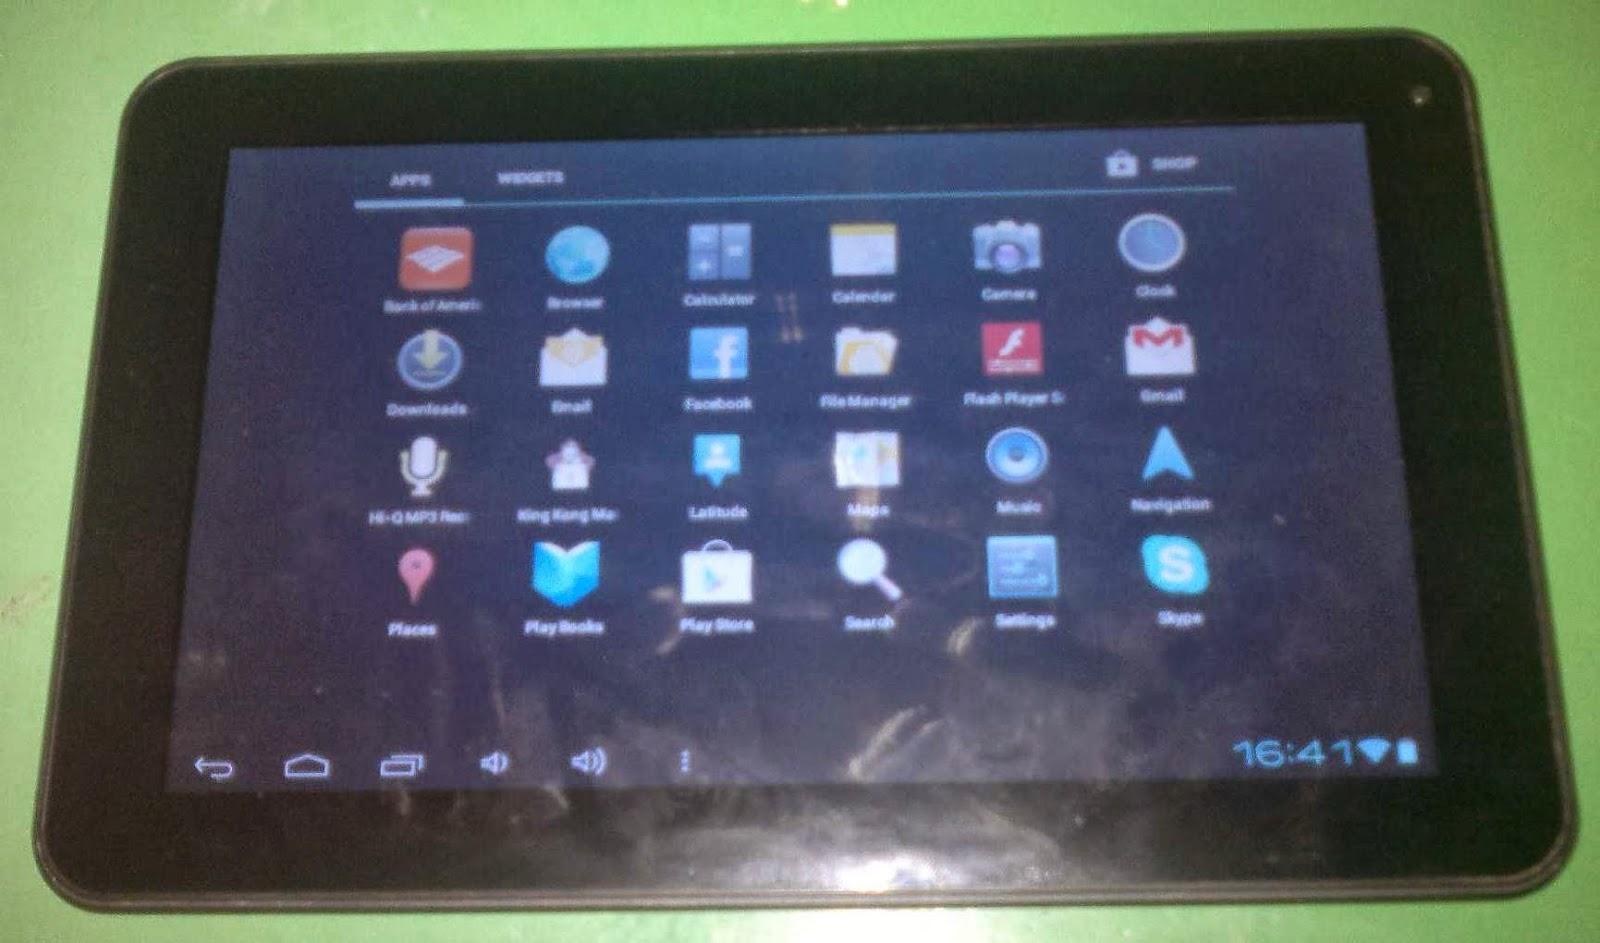 Tablet iview 900tpcii firmware